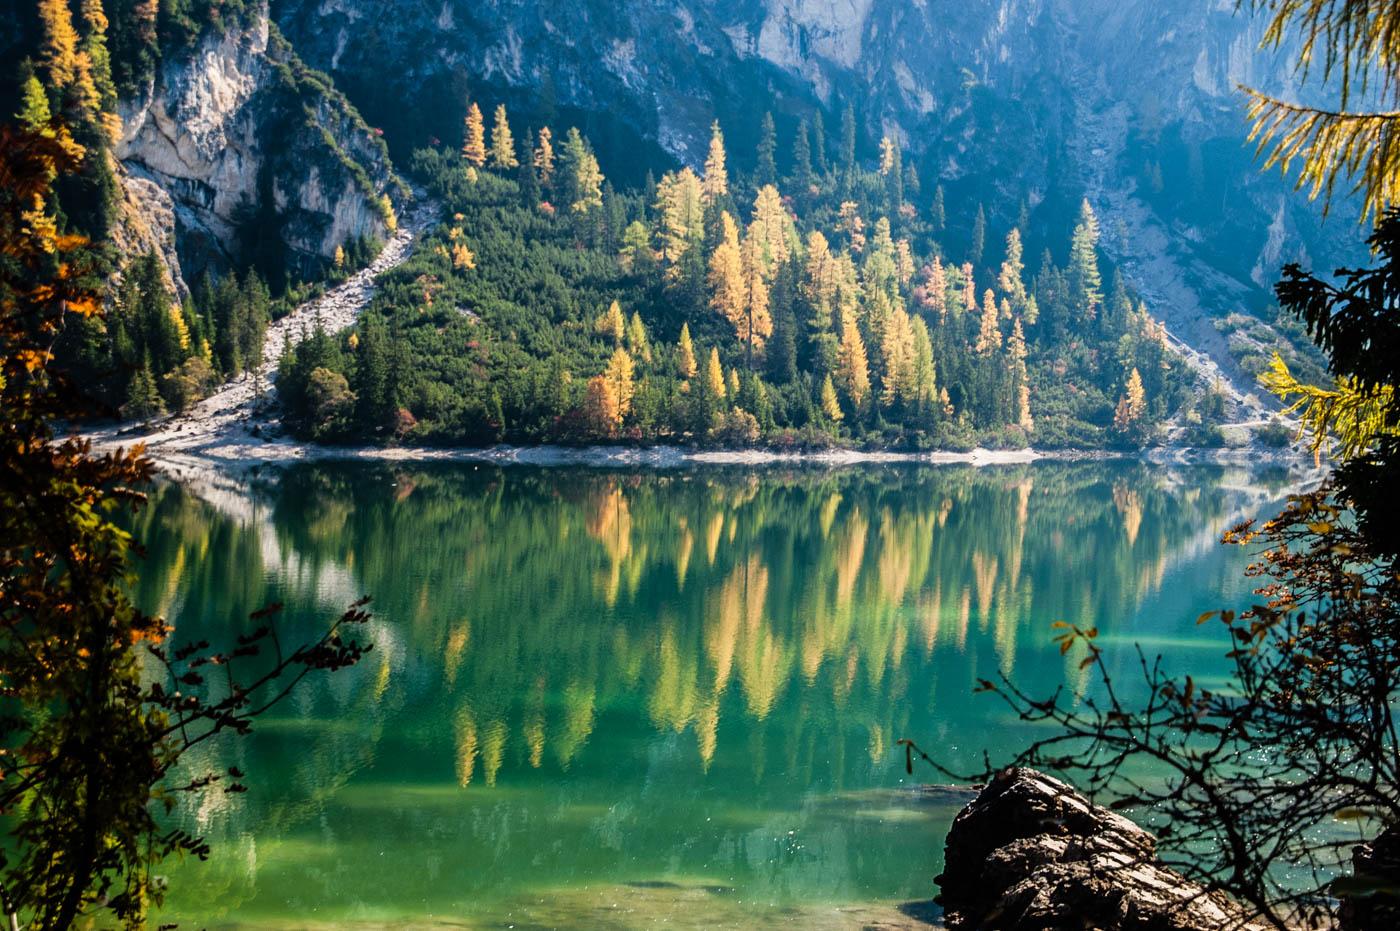 Pragser Wildseee, Lago di Braies